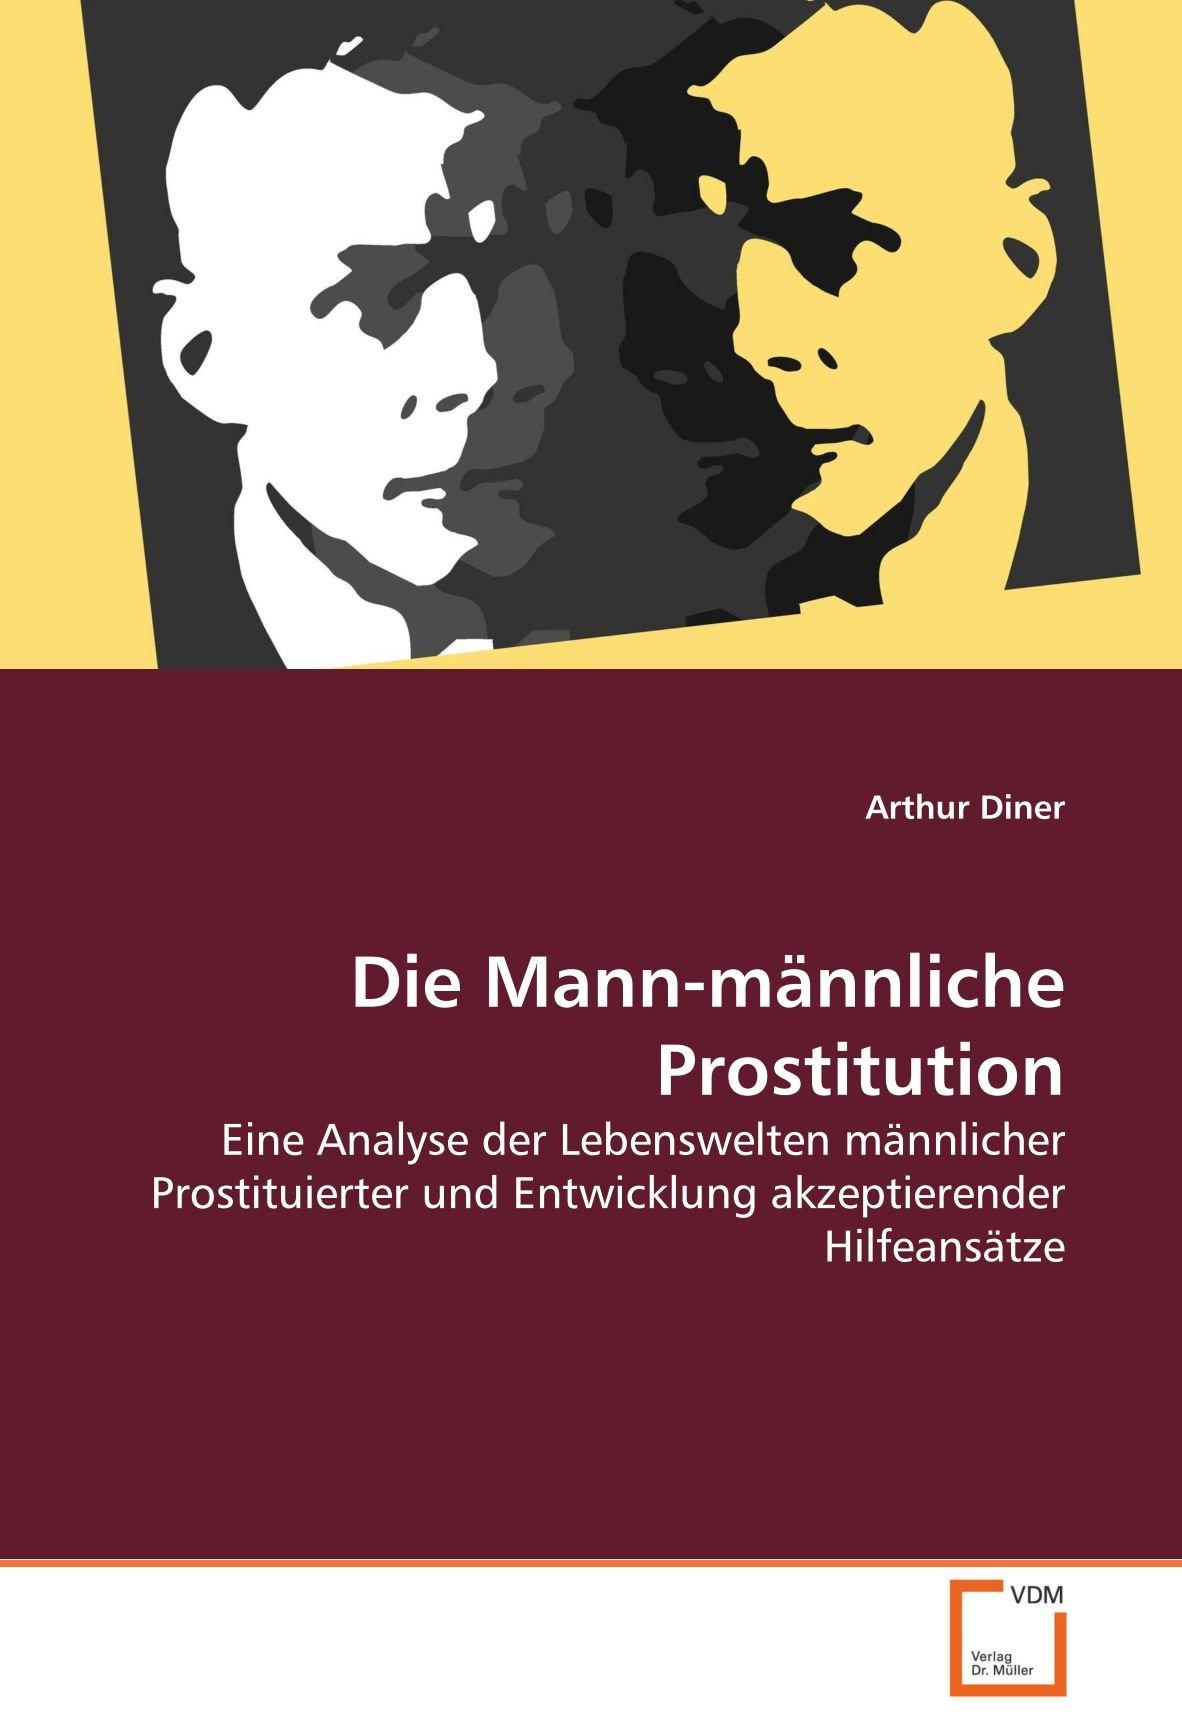 Die Mann-männliche Prostitution: Eine Analyse der Lebenswelten männlicher Prostituierter und Entwicklung akzeptierender Hilfeansätze